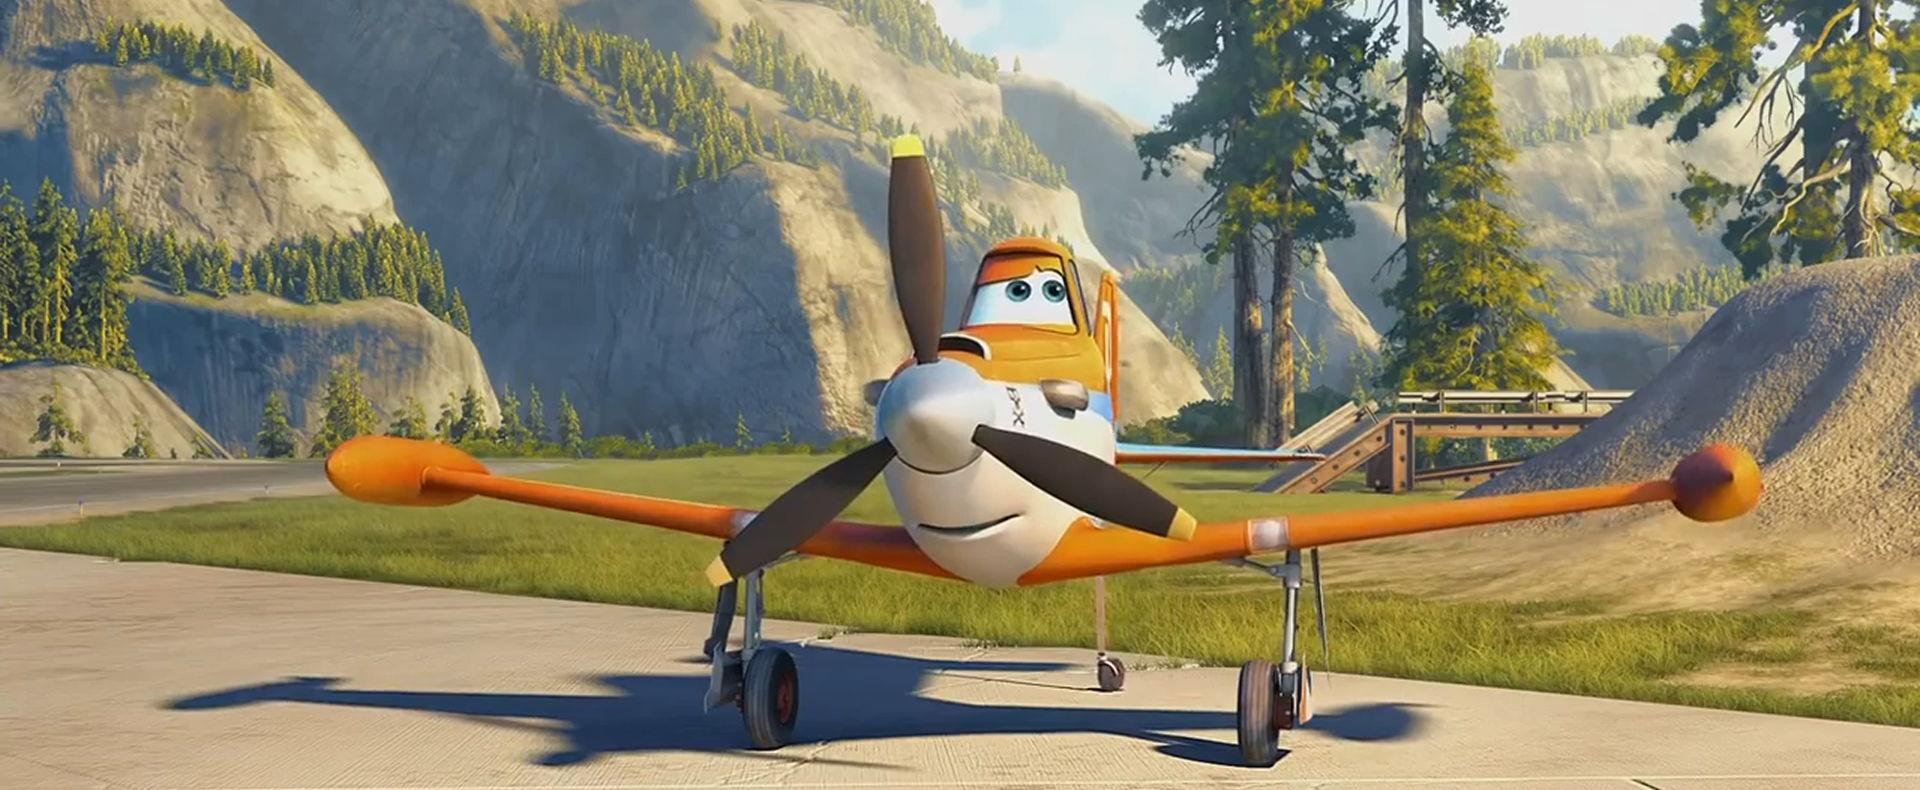 Самолеты 2 самолеты огонь и вода 2014